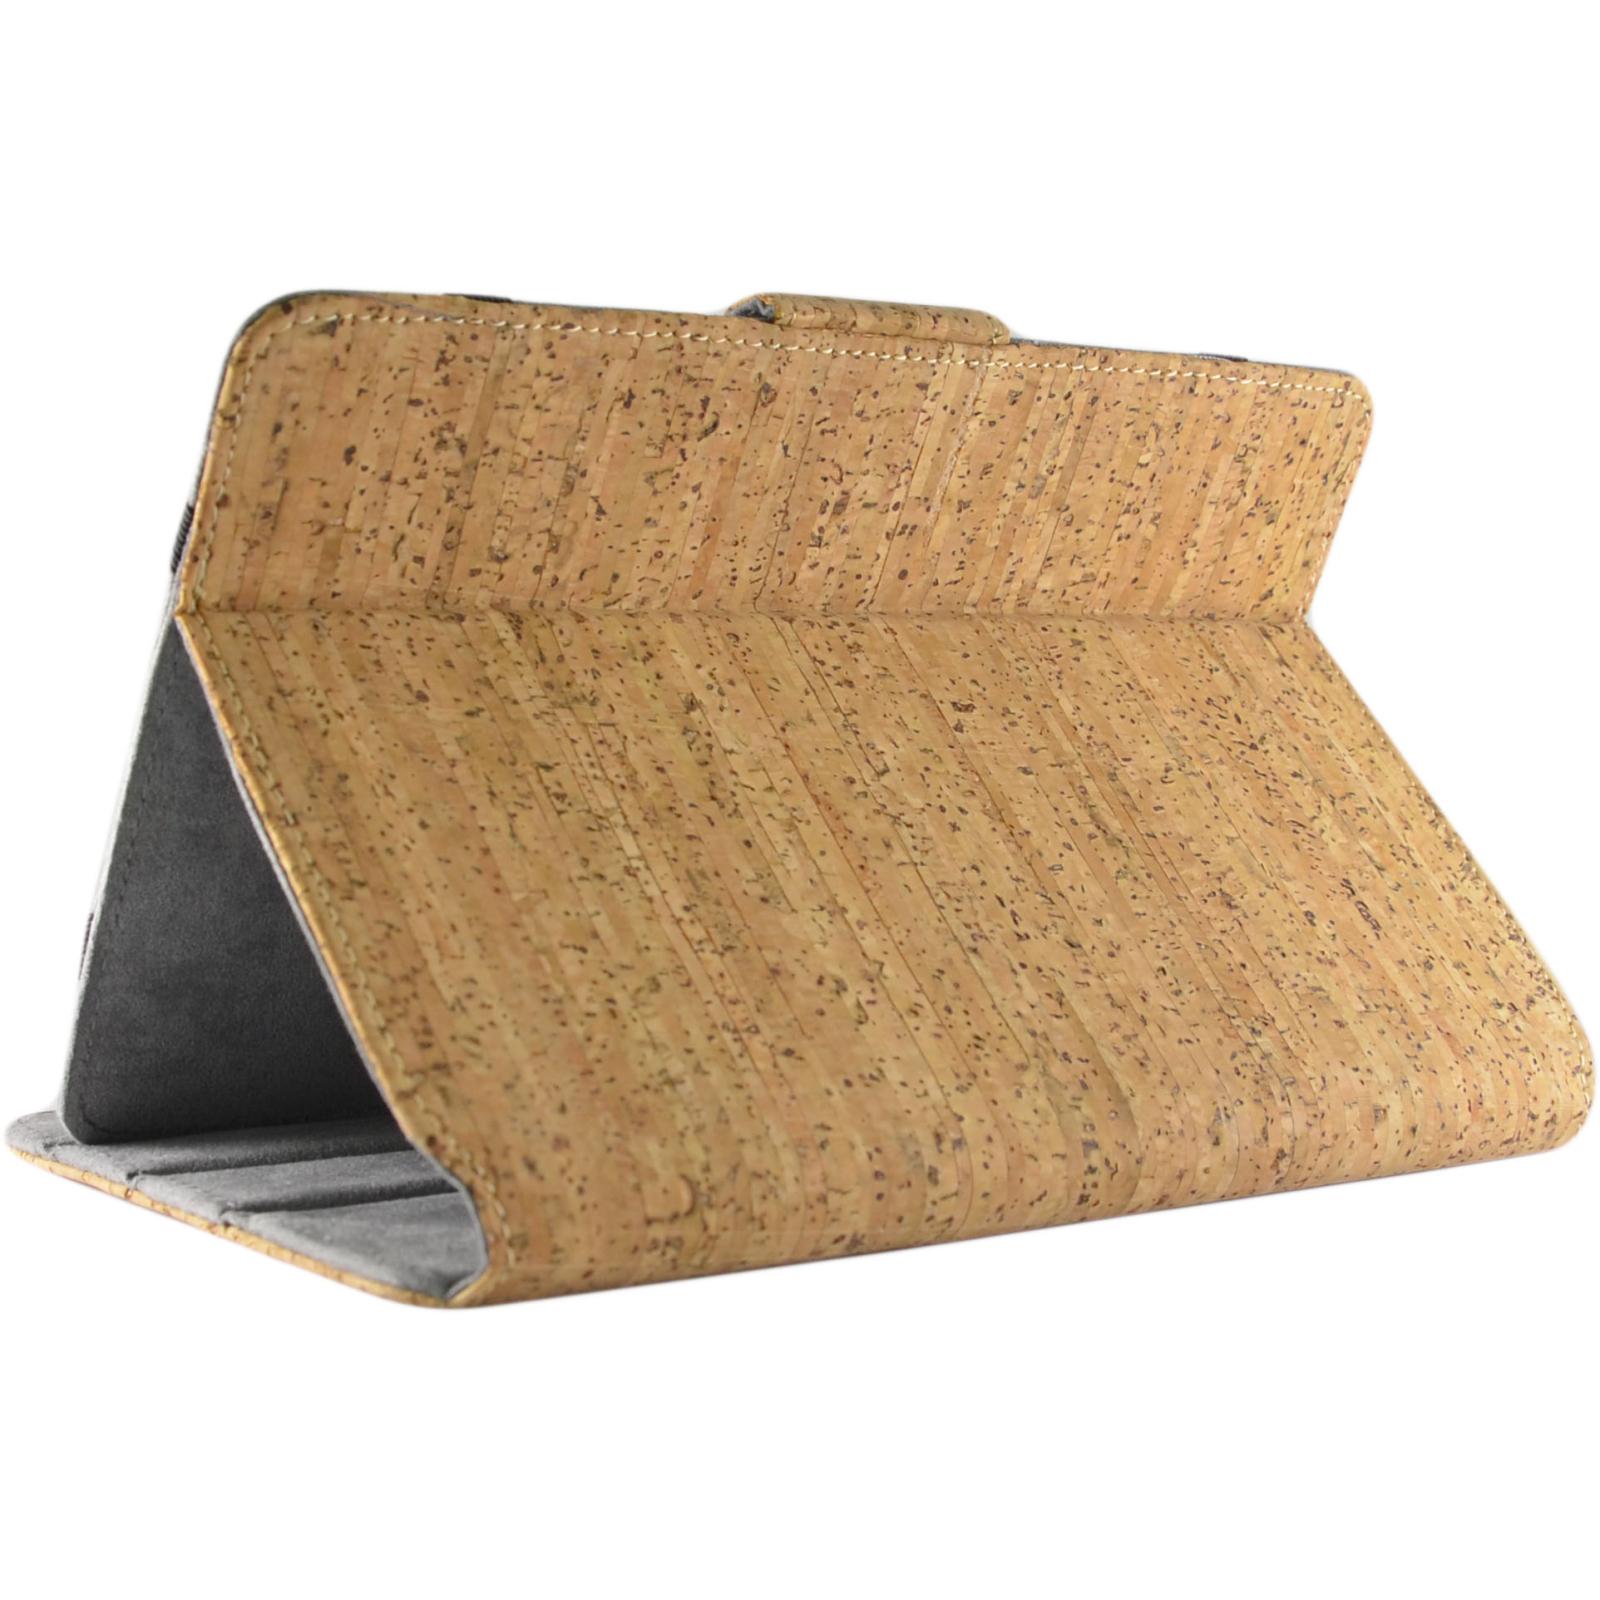 """Чехол для планшета Pro-case Чохол планшету унiверсальний Pro-case Cork case 7-8"""" beige (UNS-045) изображение 5"""